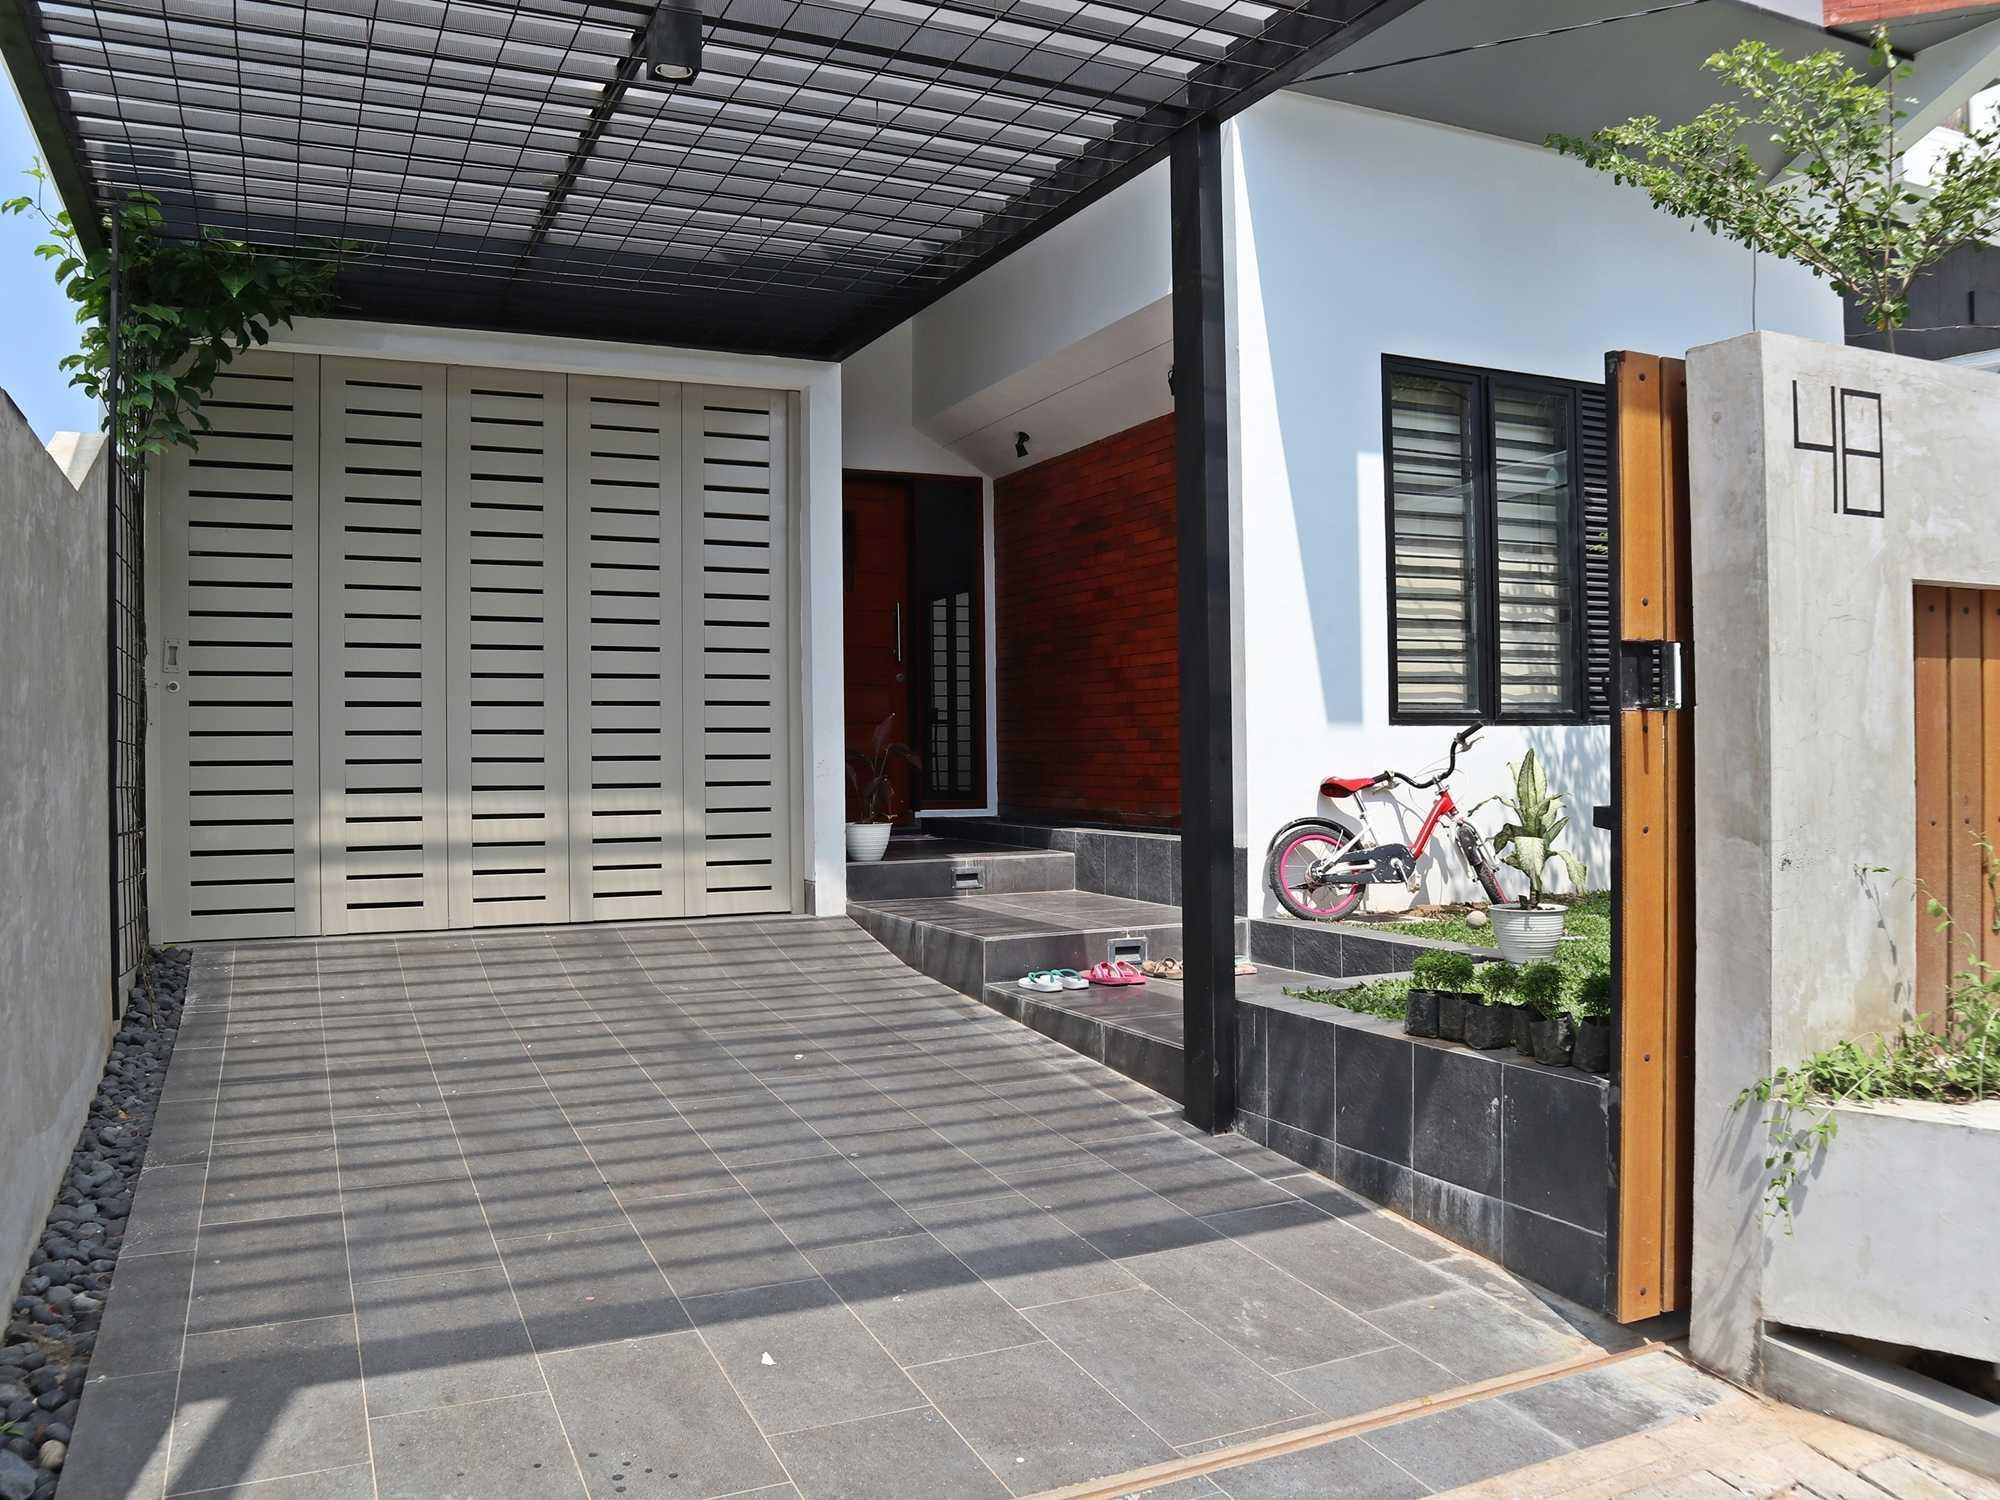 Bd Studio Hd House Medan, Kota Medan, Sumatera Utara, Indonesia Medan, Kota Medan, Sumatera Utara, Indonesia Bd-Studio-Hd-House  73811